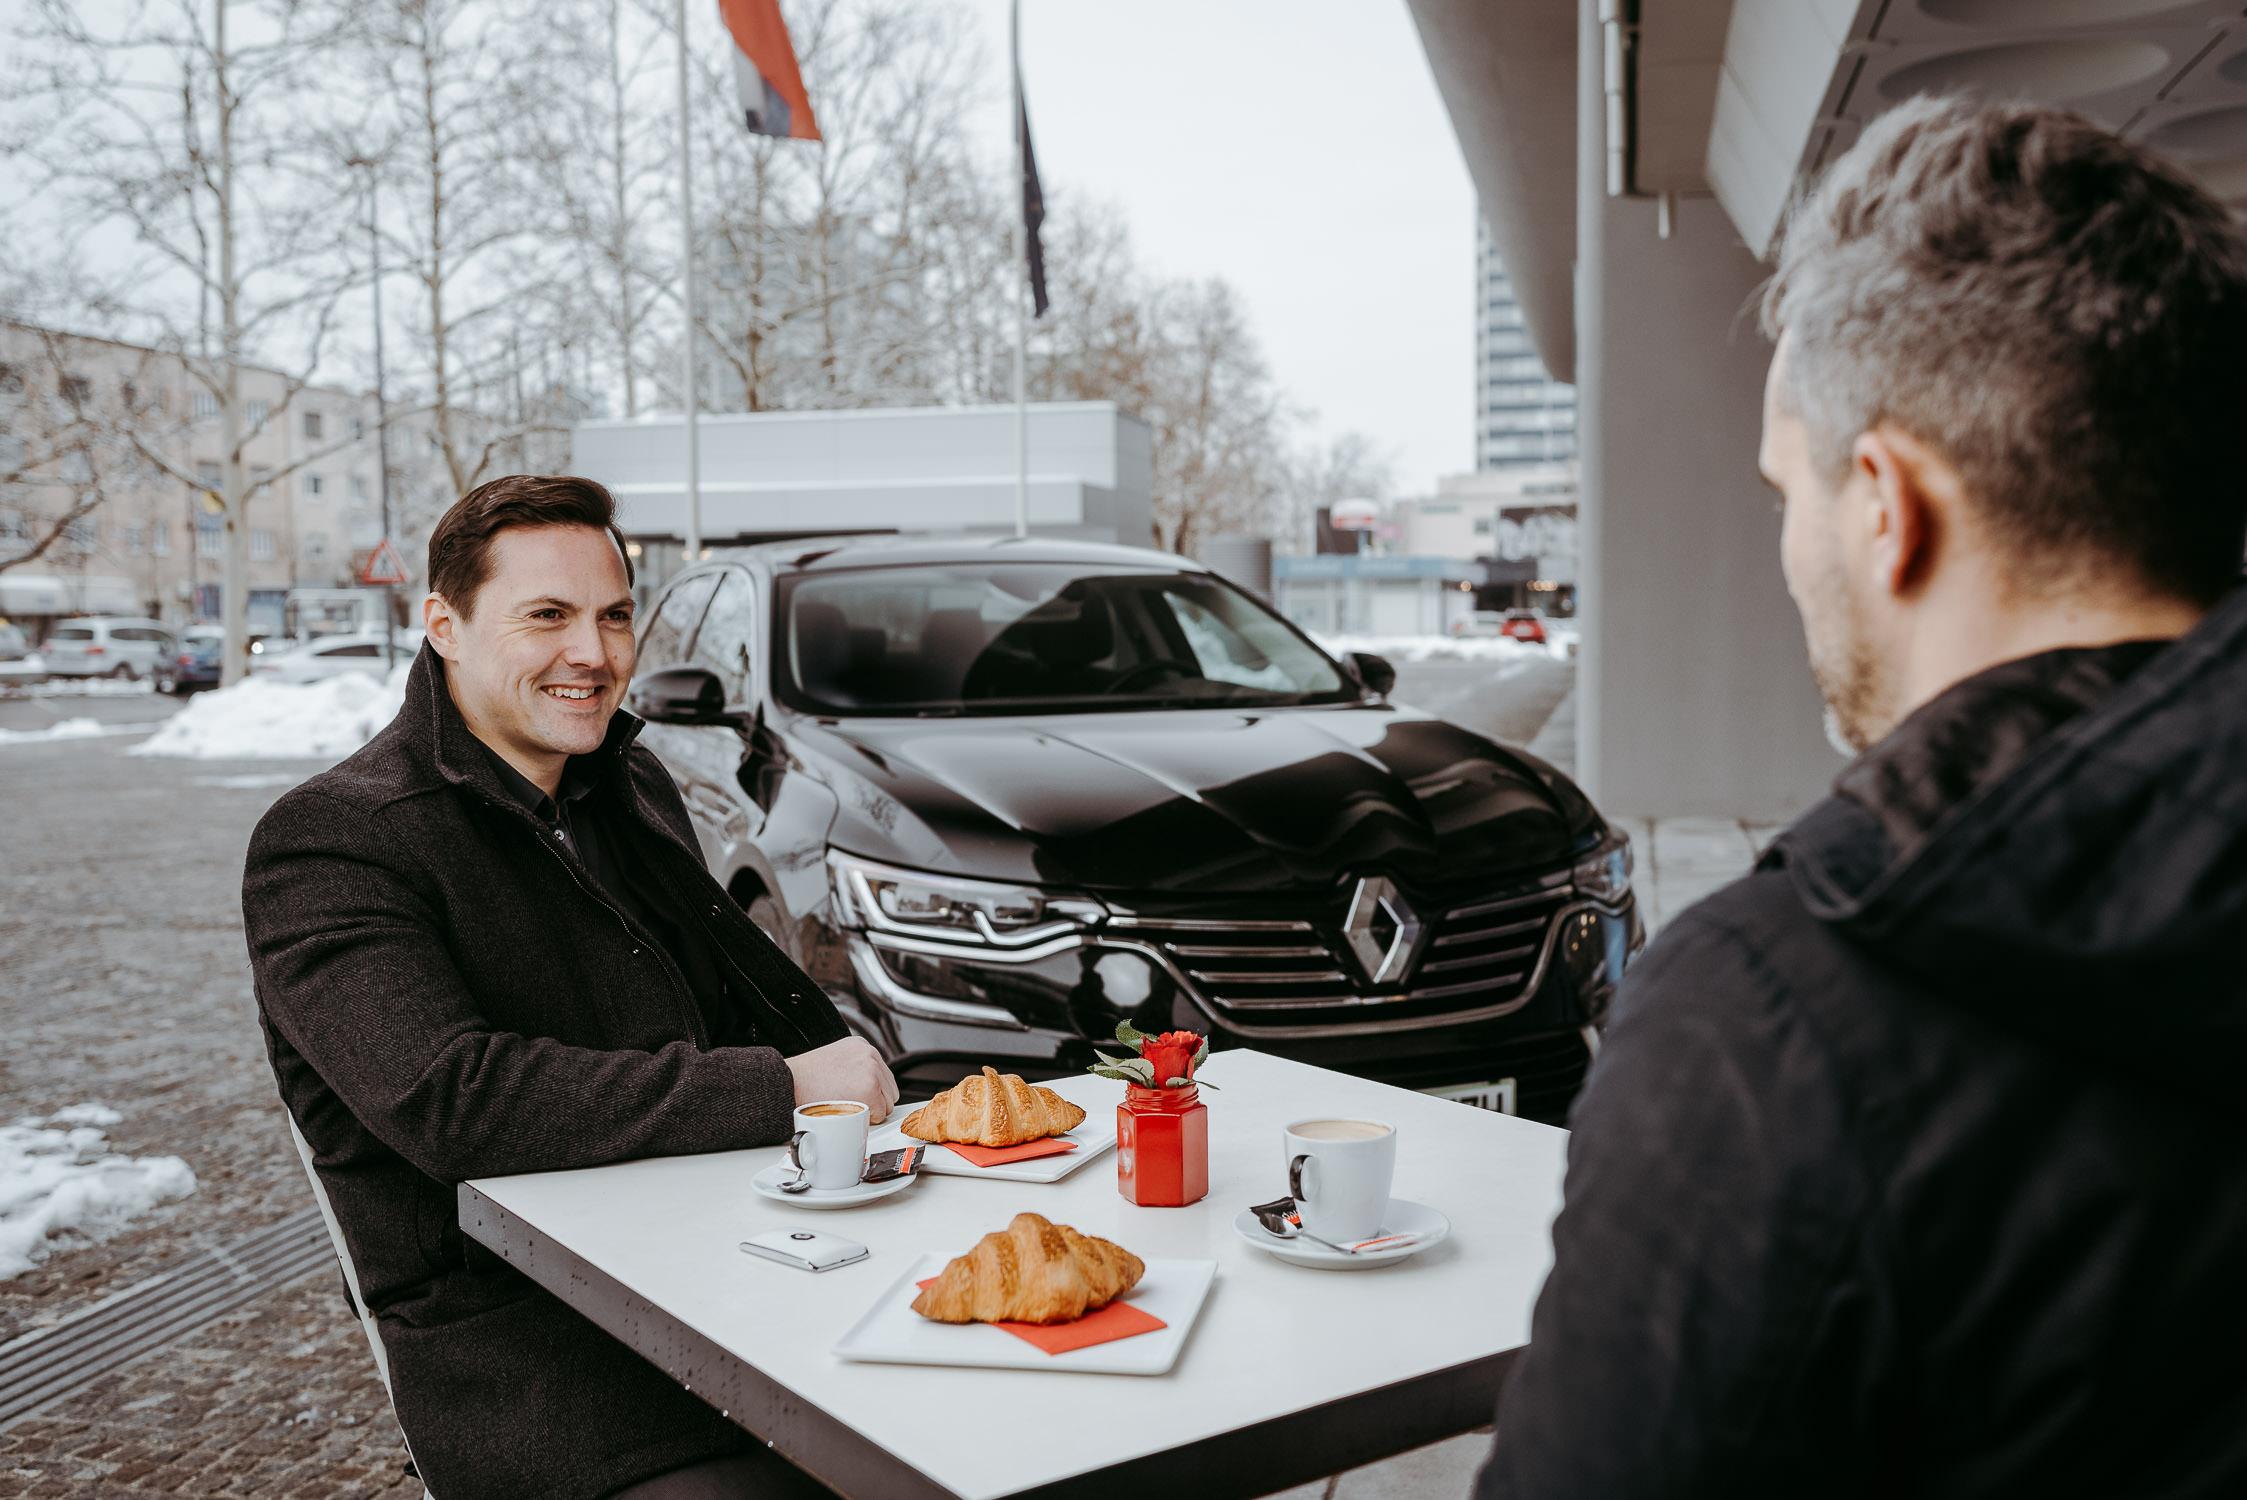 20180222 Tomi Češek Zebra Patisseries Renault Talisman City Magazine TK 13 1